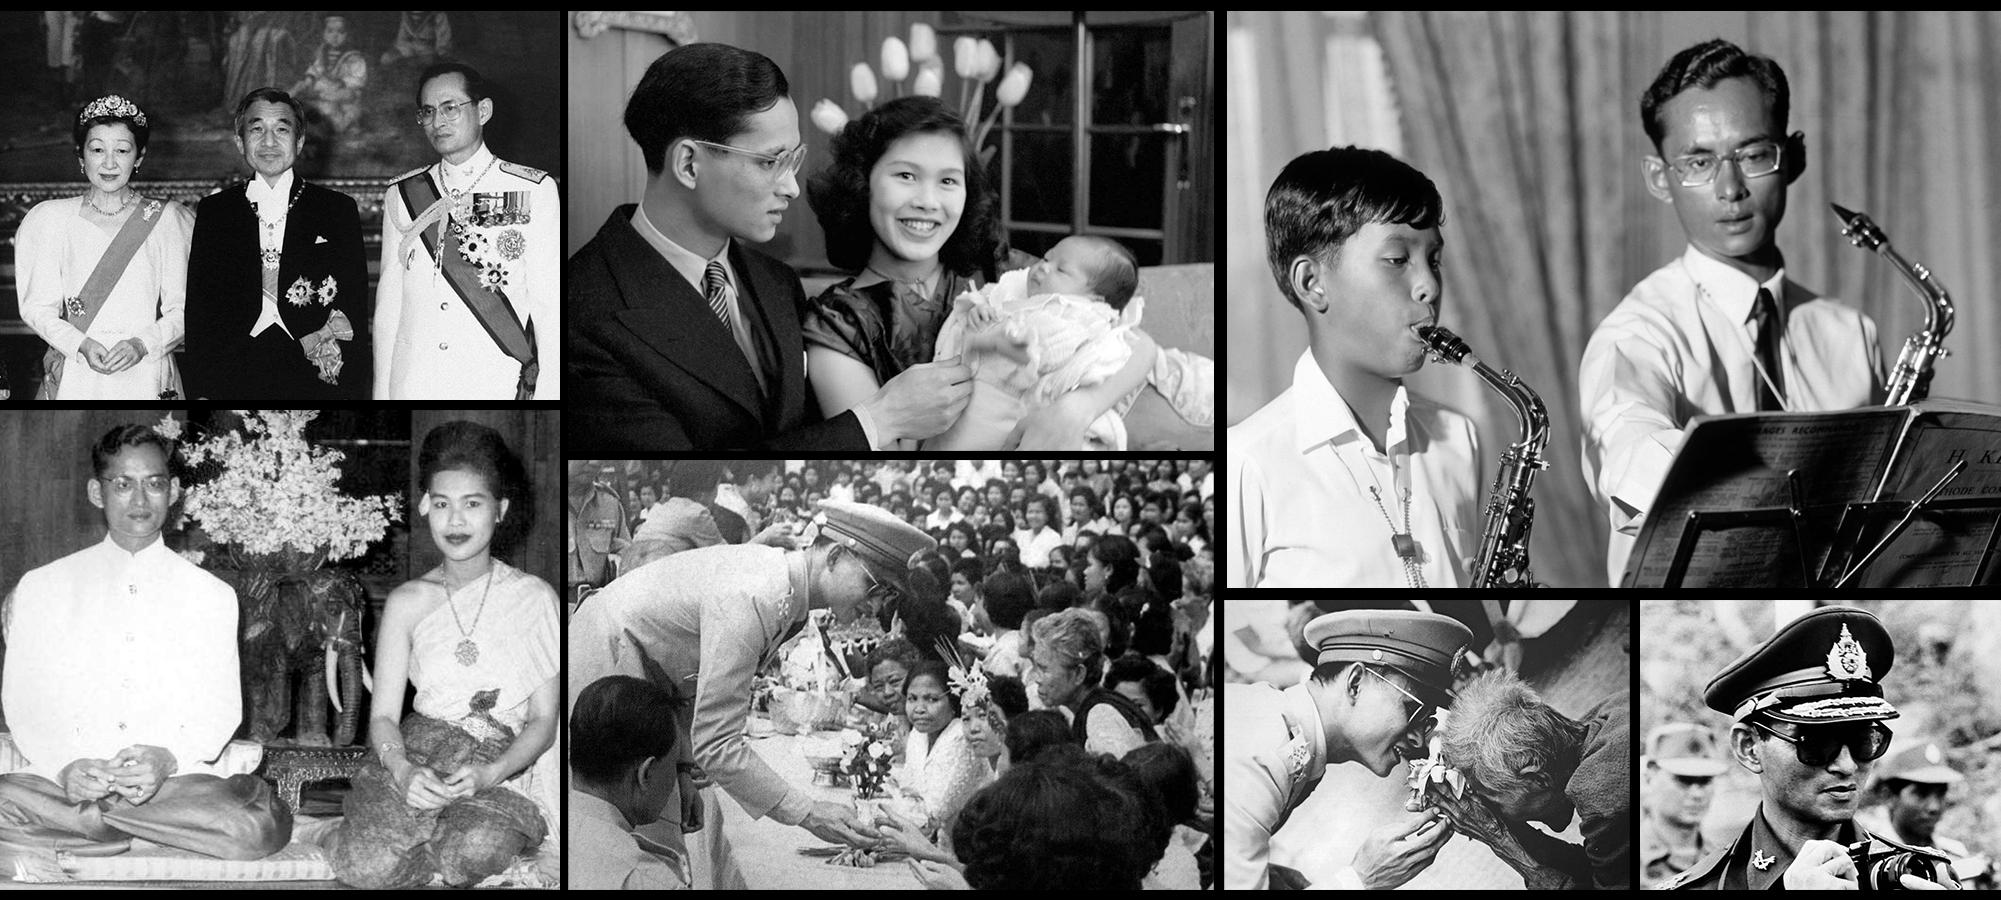 Vua Thái Lan: Người vực dậy ngai vàng từ vực thẳm - Ảnh 10.